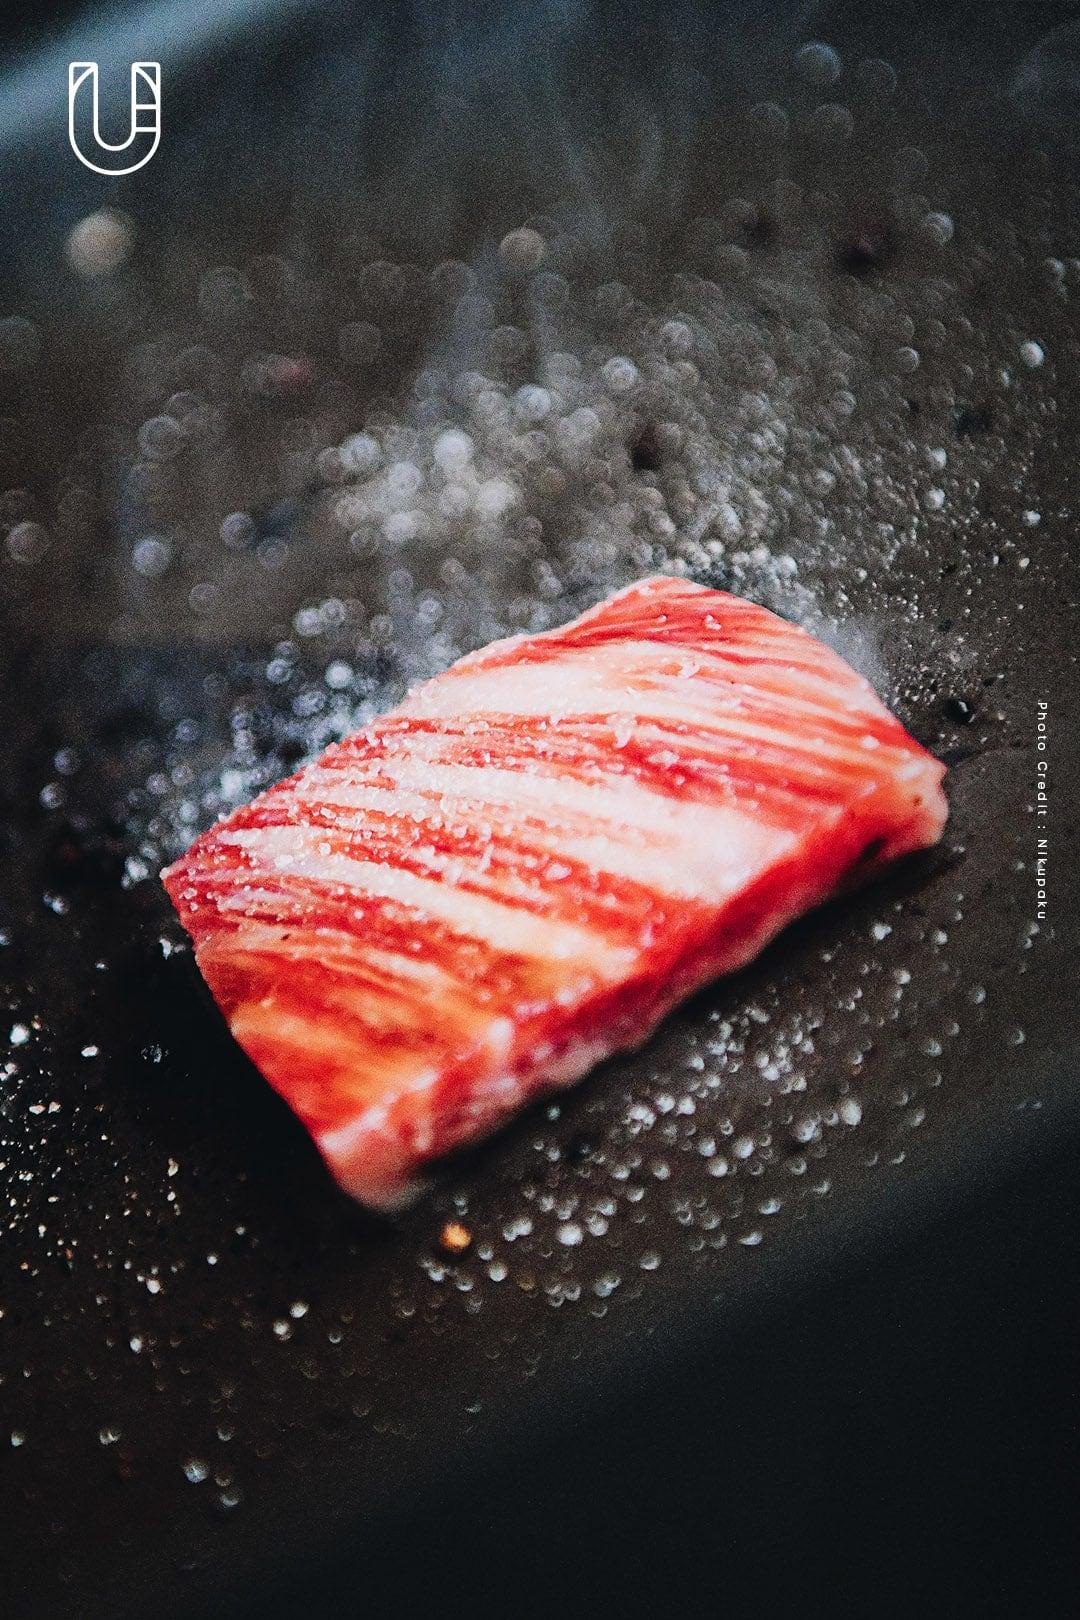 เนื้อวัว-ไทยวากิว-ย่าง-nikupaku